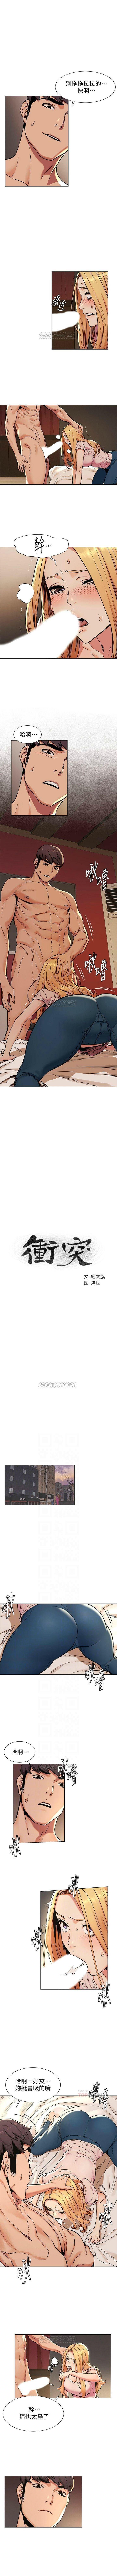 衝突 1-100官方中文(連載中) 470